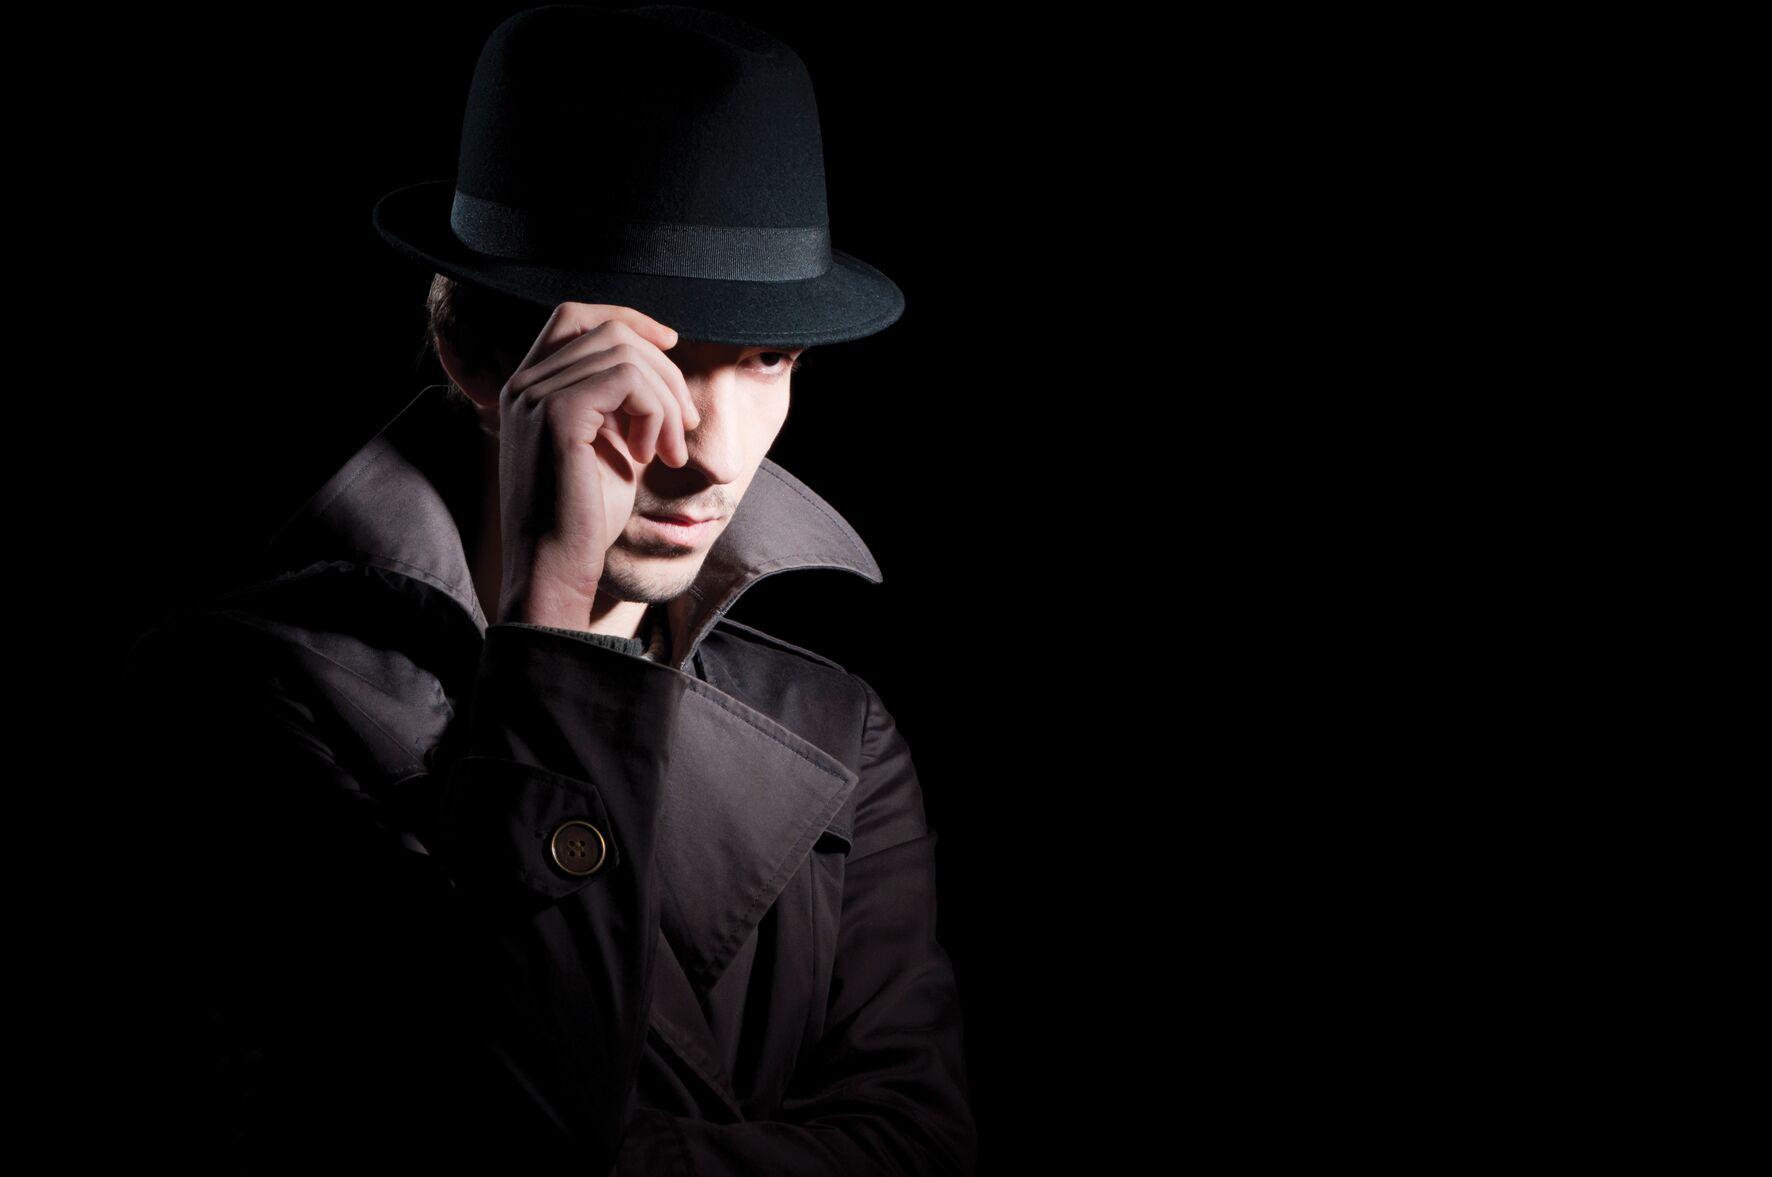 5 tecnologias de espionagem geniais que você pode ter em casa